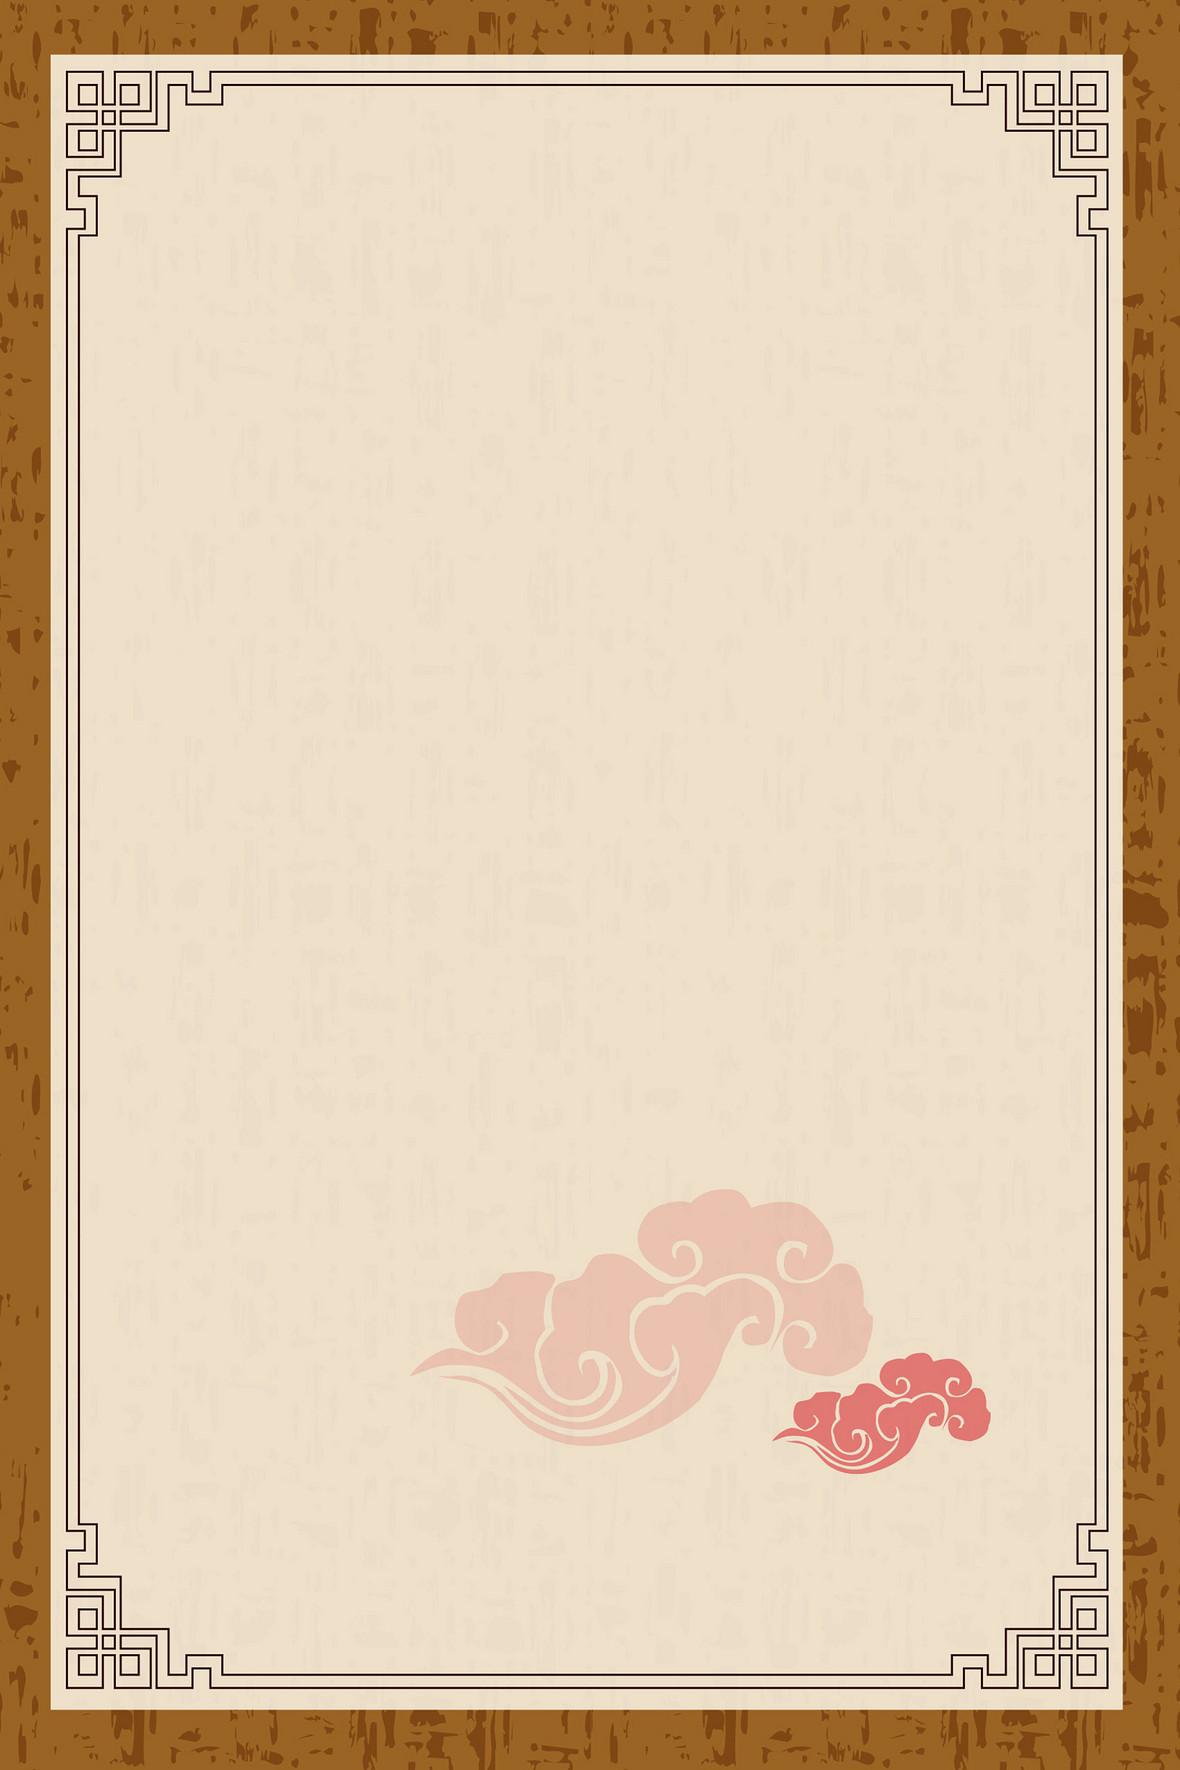 矢量古典中国风祥云底纹背景素材